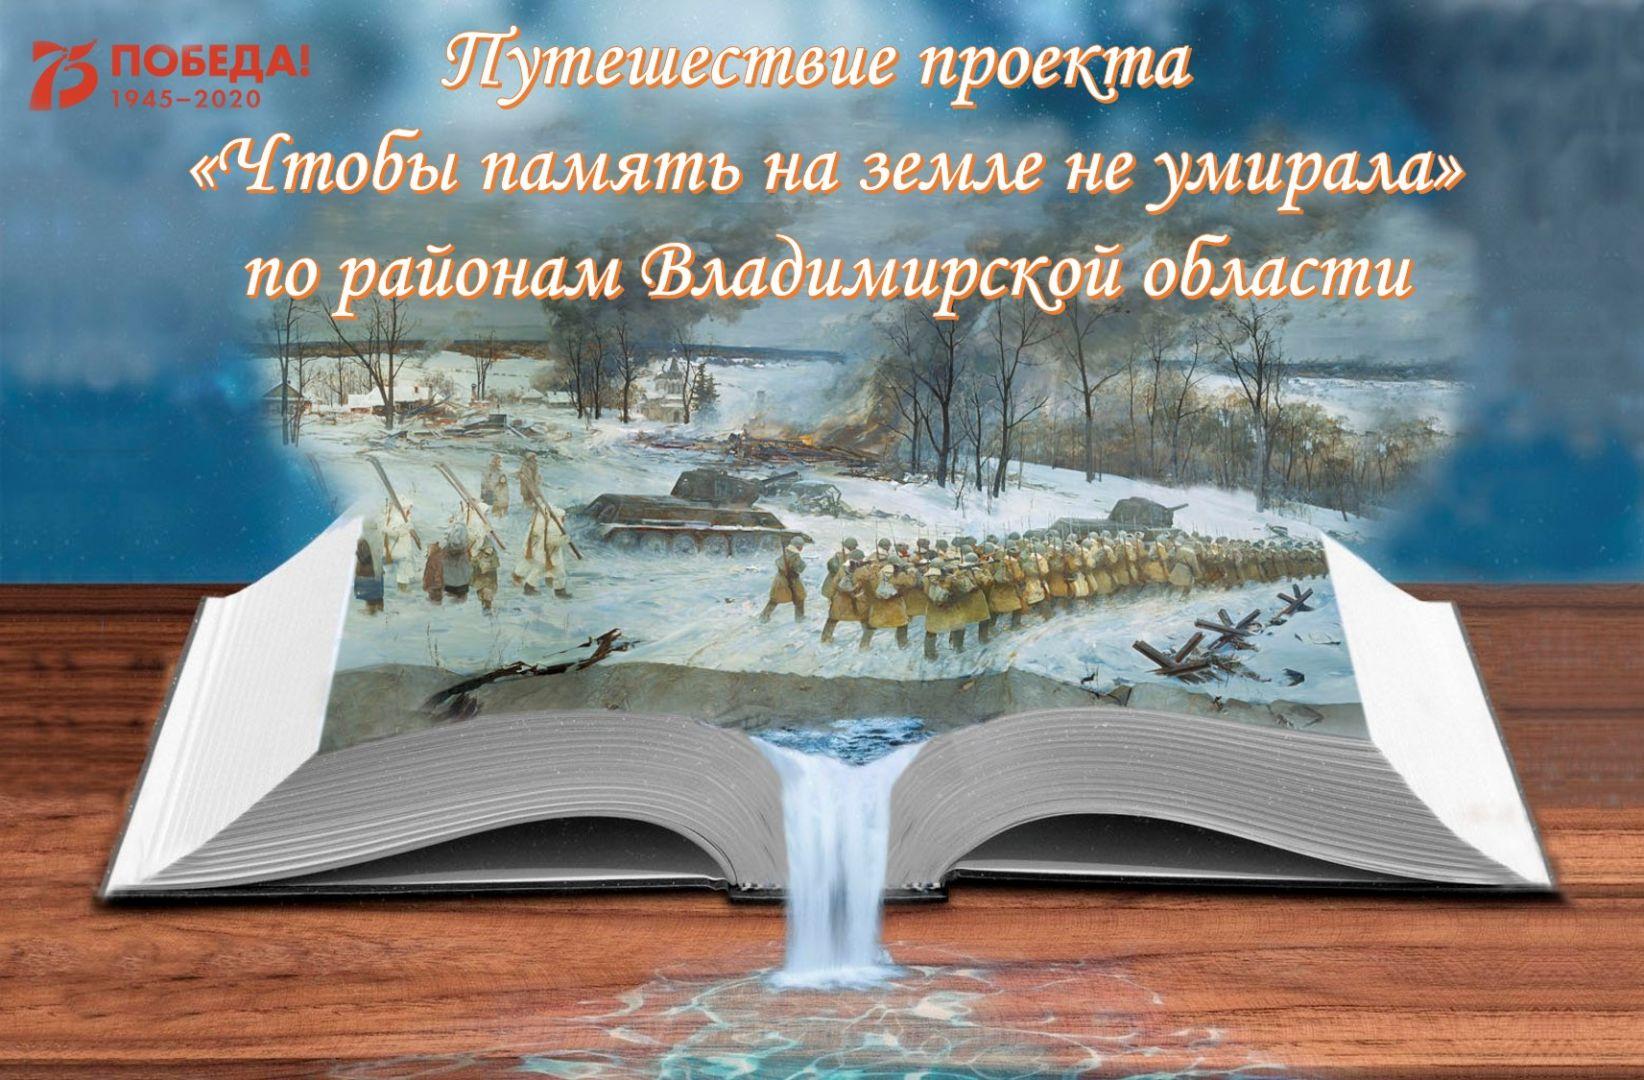 """Путешествие проекта """"Чтобы память на земле не умирала"""" по районам области"""